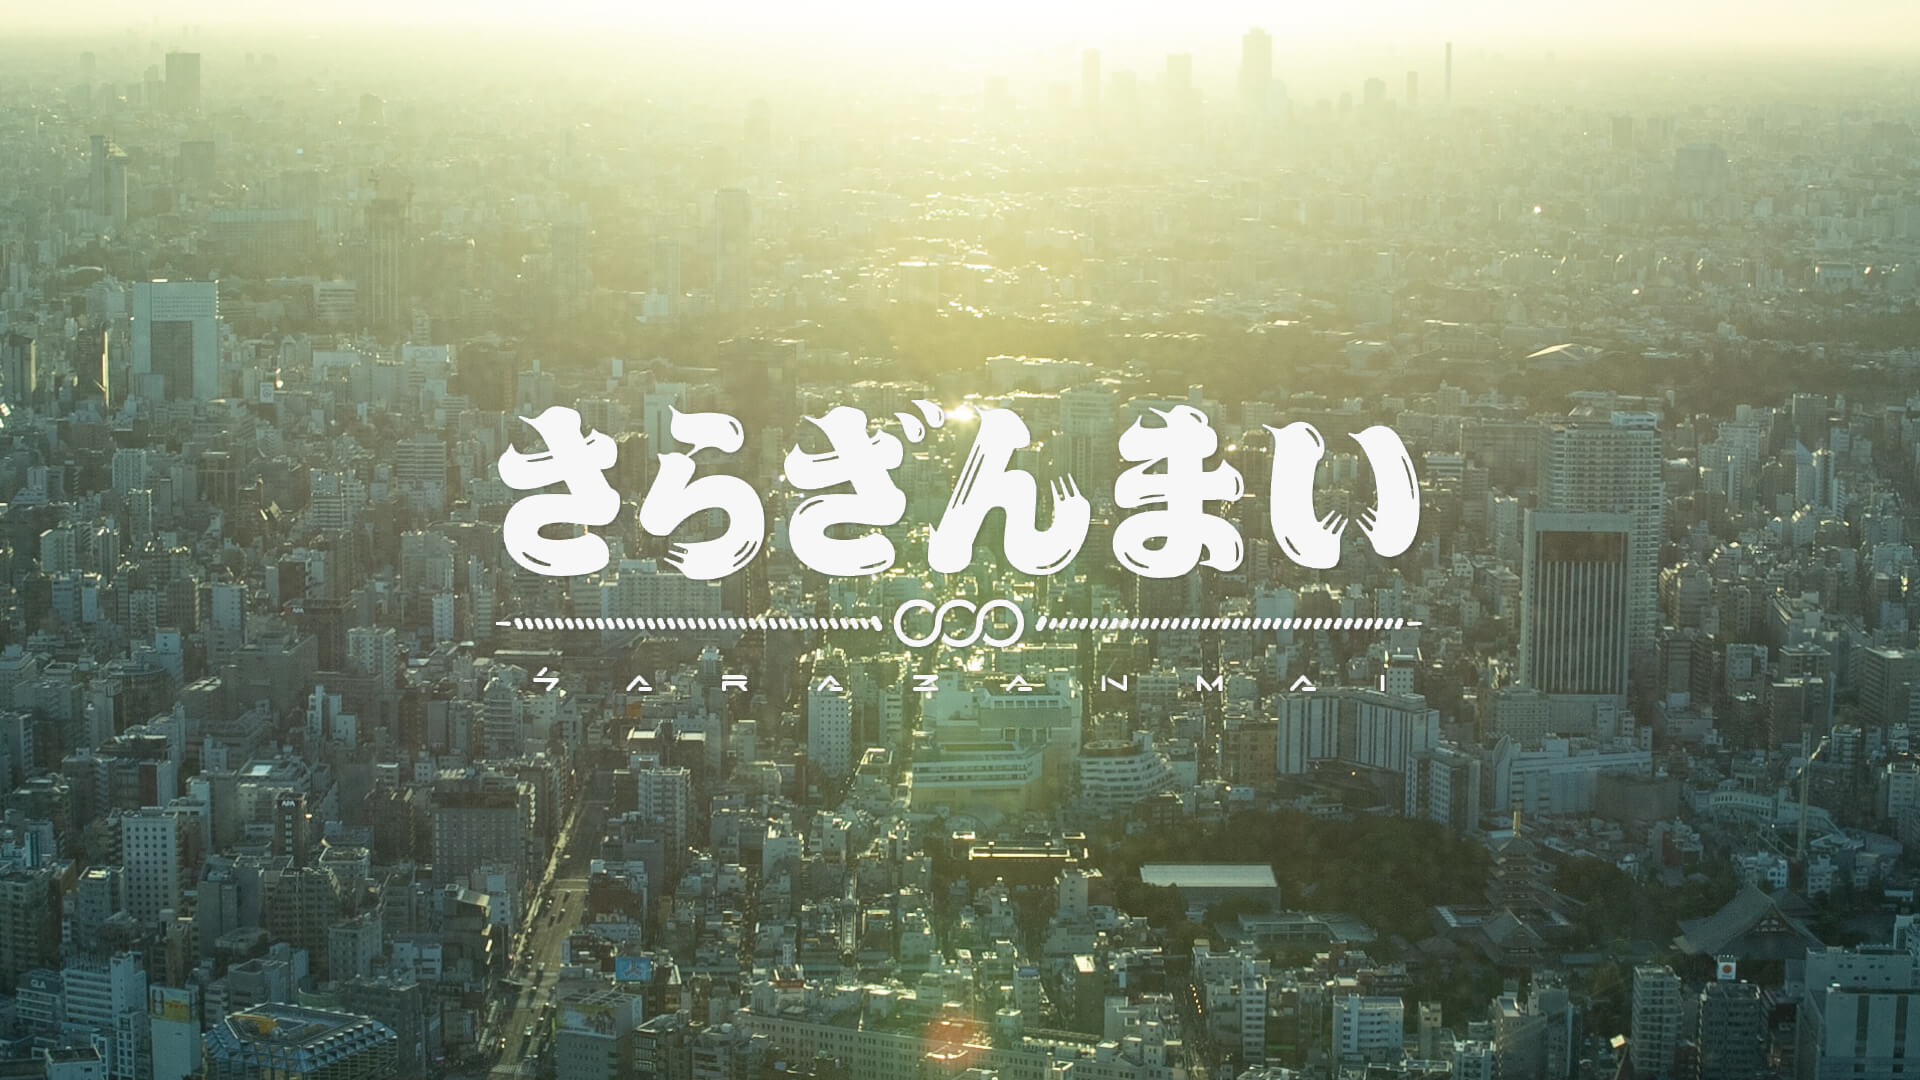 電視動畫《SARAZANMAI(さらざんまい)》舞台背景為淺草!故事詳細內容解禁 Sarazanmai_、